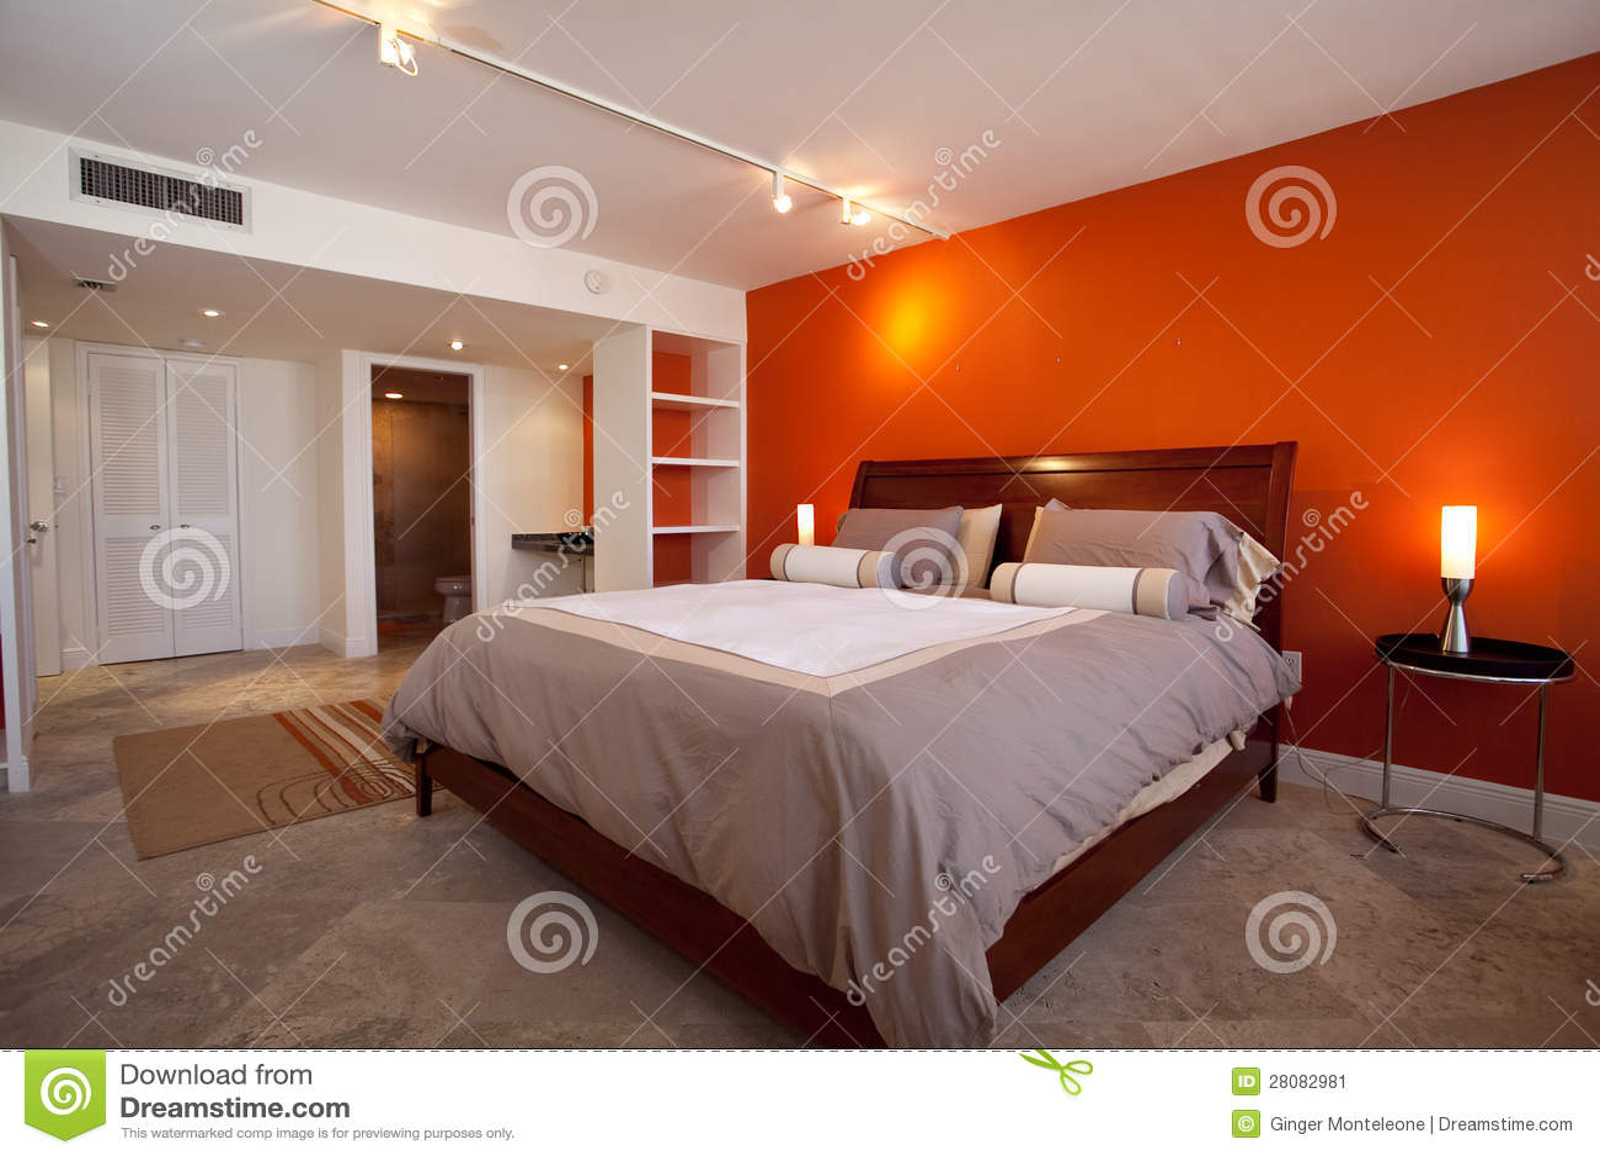 Images Chambre Coucher Avec Le Mur Orange Téléchargez 226 Photos